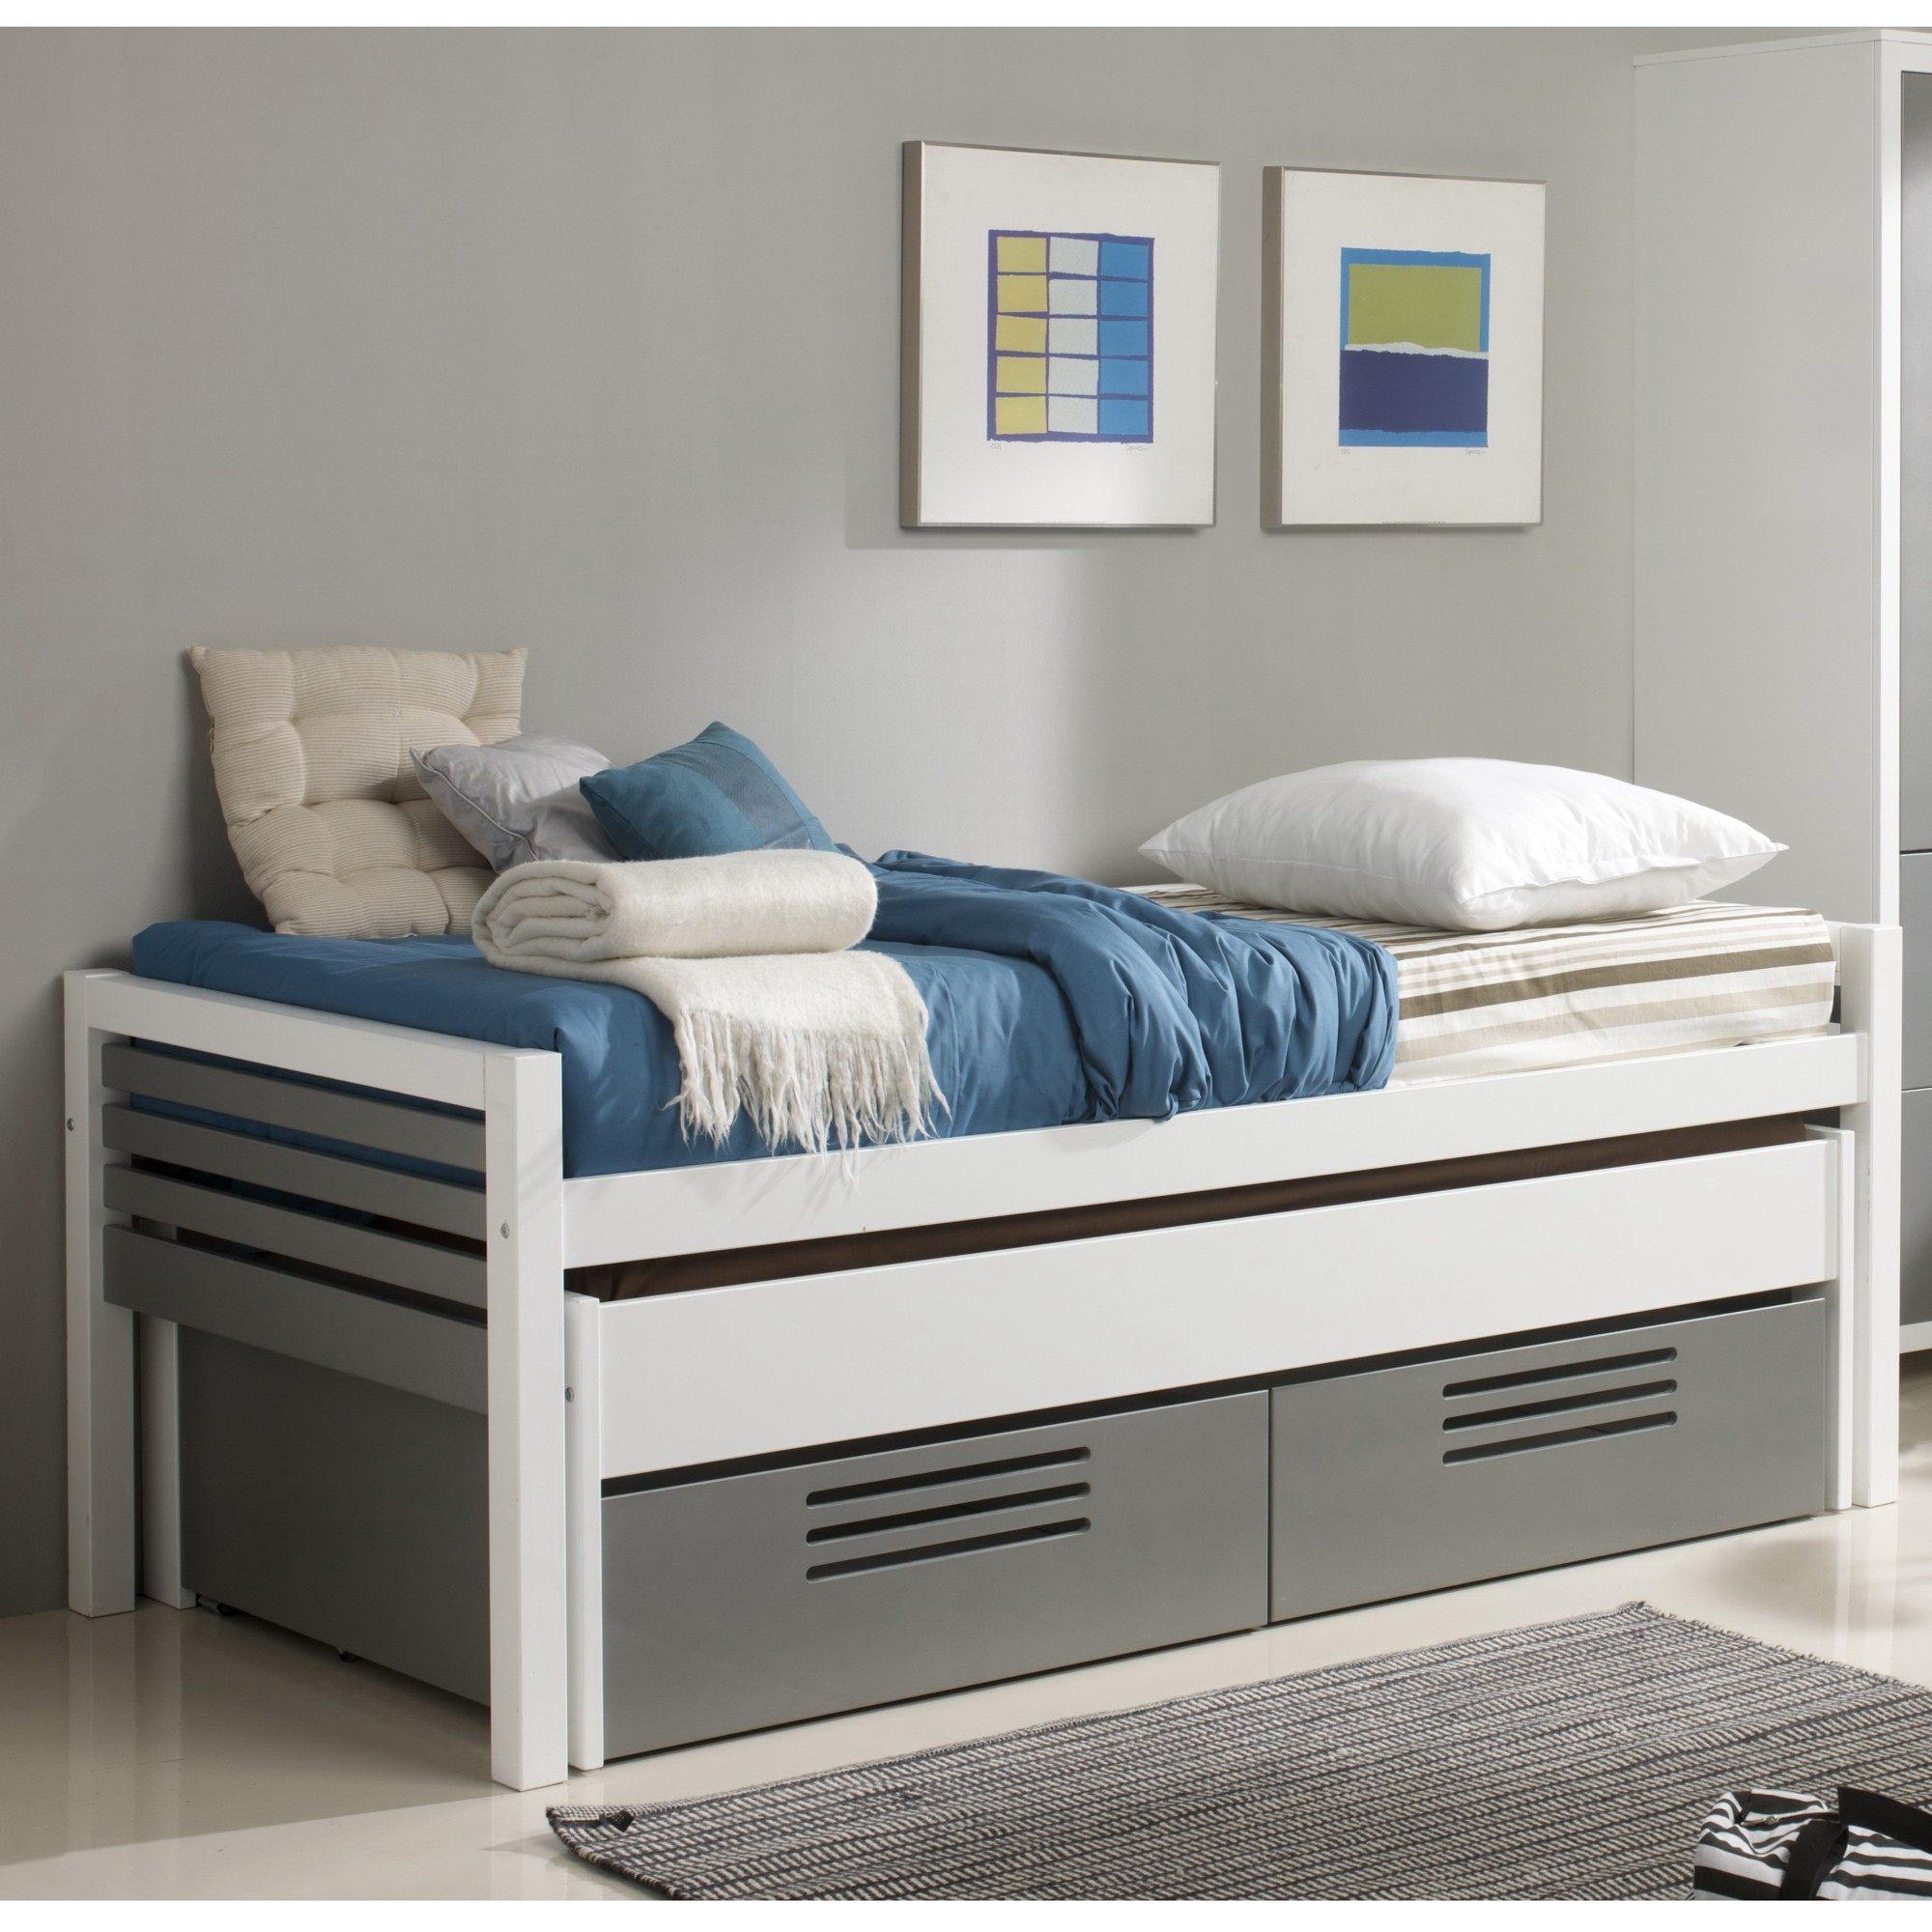 Lit De 160×200 Douce Banc De Lit but Beautiful but Lit 27 sommier Electrique Ikea Coffre